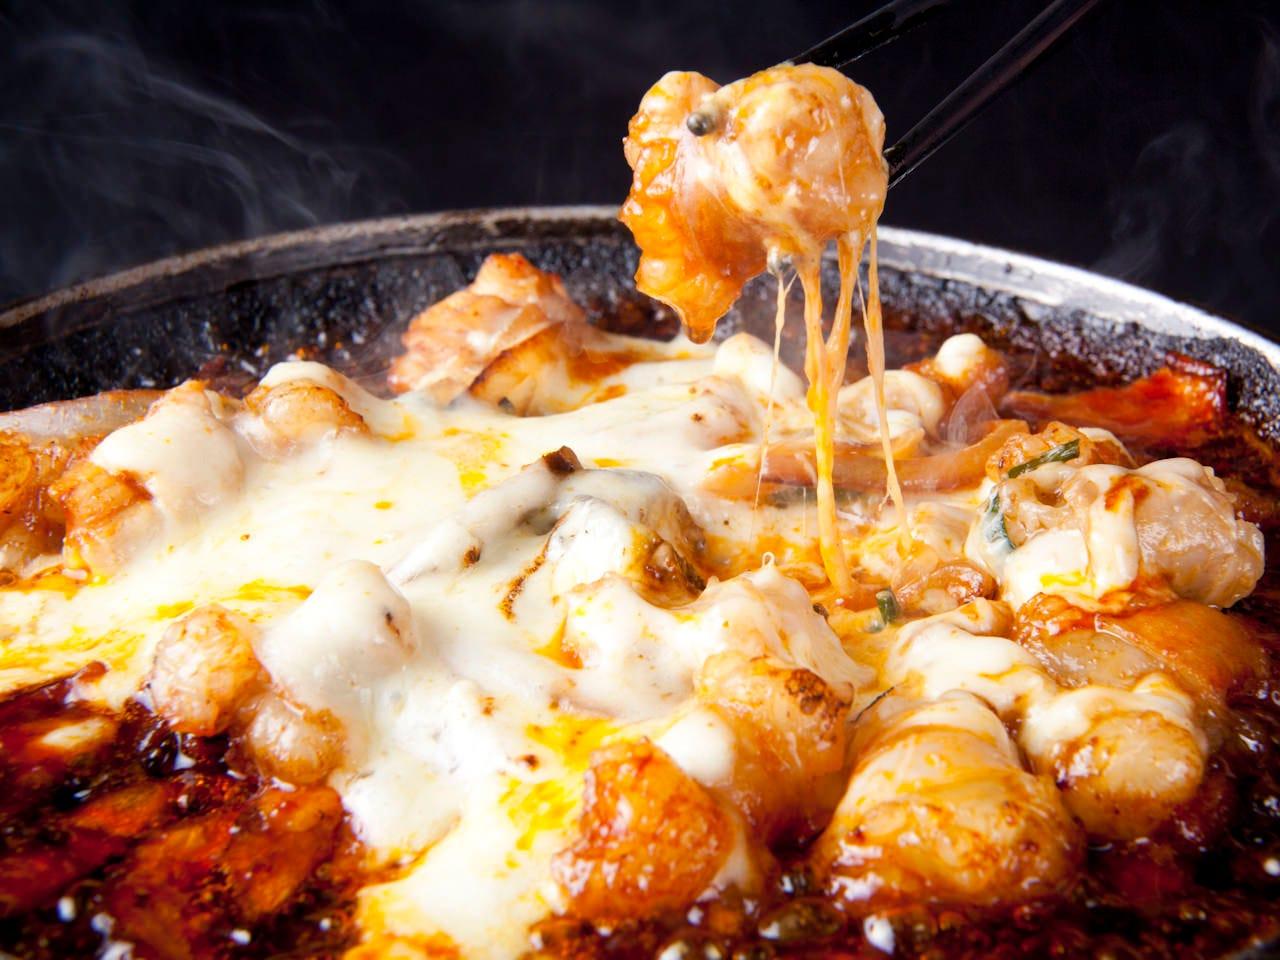 【女性限定♪】120分飲放付!大人気のチーズIN韓流石焼鍋で盛り上がる『博多美人会コース』3,500円